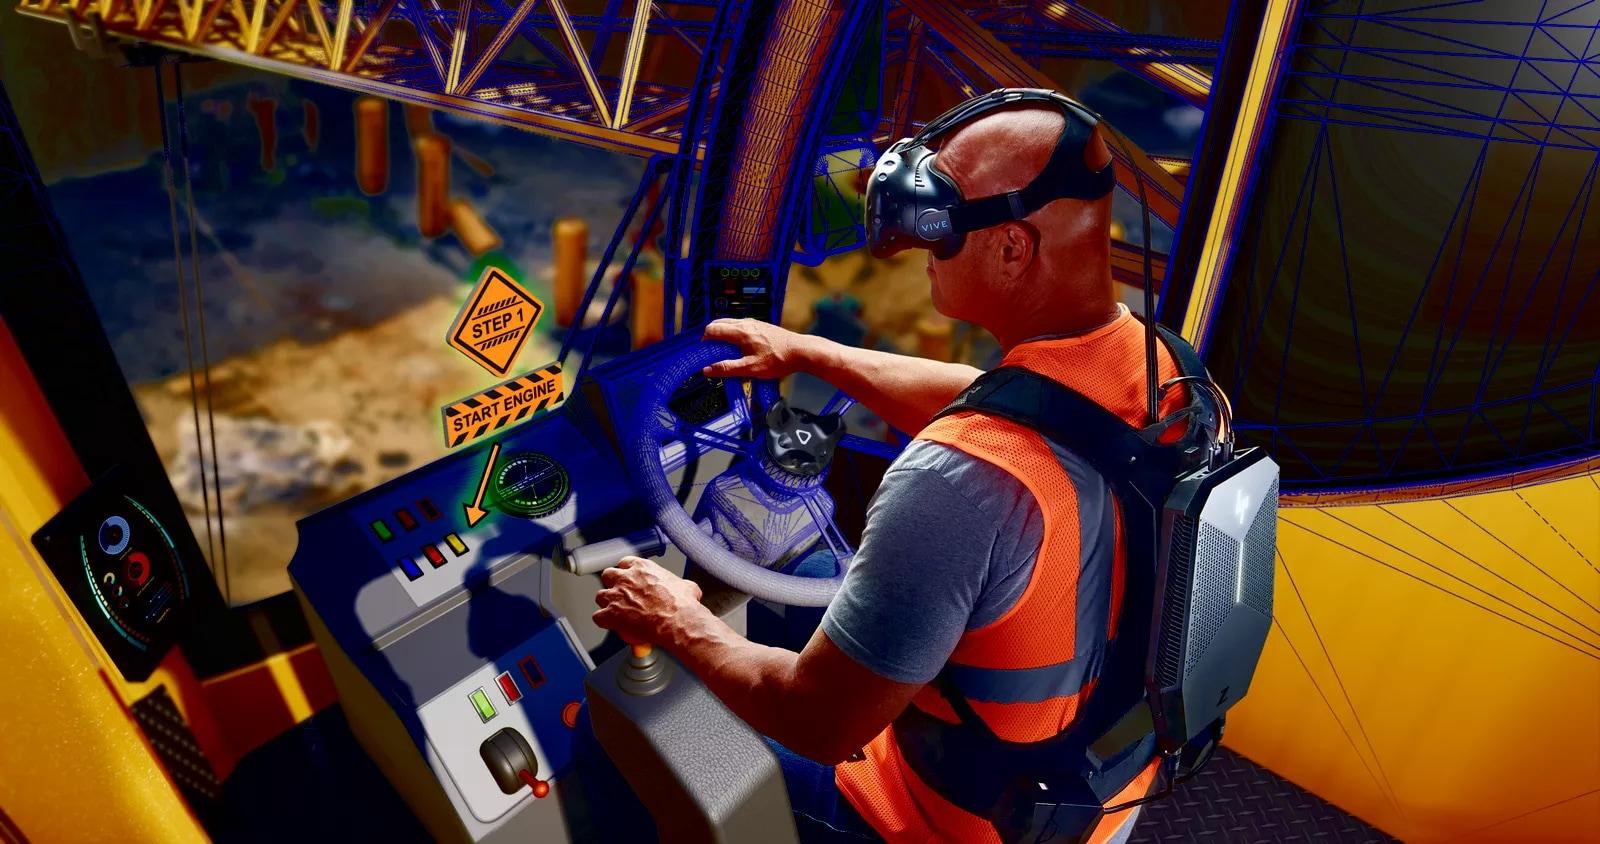 hp z vr zaino realtà virtuale (3)